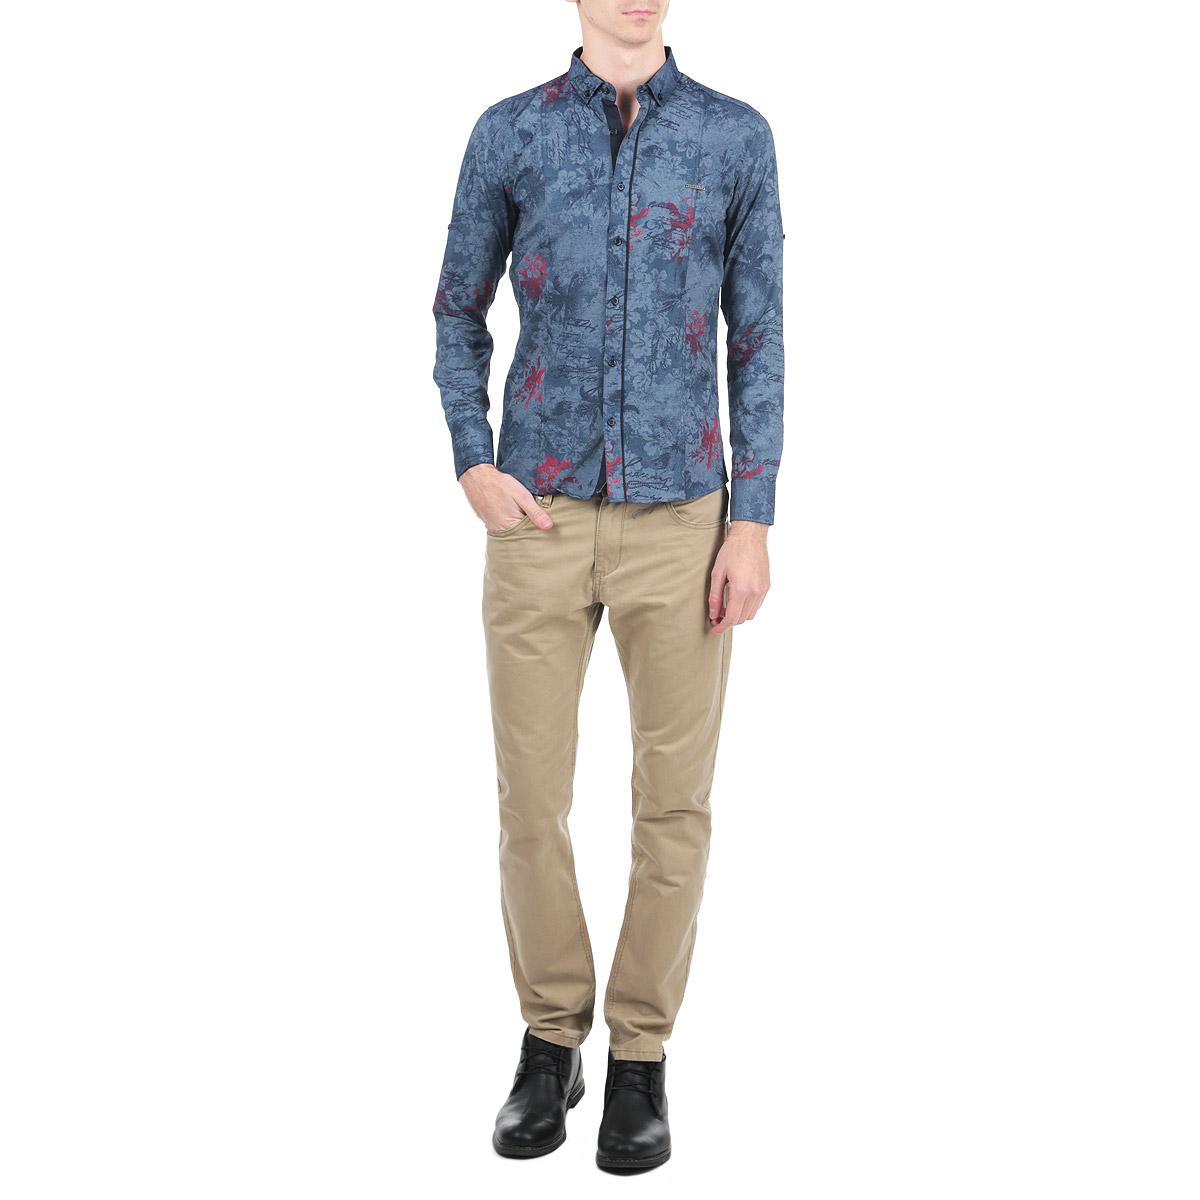 Рубашка мужская Rodney, цвет: джинсовый. 1002_24. Размер L (50)1002_24Мужская рубашка Rodney, выполненная из высококачественного плотного 100% хлопка, обладает высокой теплопроводностью, воздухопроницаемостью и гигроскопичностью, позволяет коже дышать, тем самым обеспечивая наибольший комфорт при носке. Модель прямого кроя с отложным воротником, длинными рукавами и полукруглым низом застегивается на пуговицы. Рубашка оформлена оригинальным цветочным принтом и на груди дополнена металлической нашивкой с названием бренда. Рукава при желании можно подвернуть до локтя и зафиксировать при помощи хлястиков на пуговицах. Такая рубашка подчеркнет ваш вкус и поможет создать великолепный стильный образ.